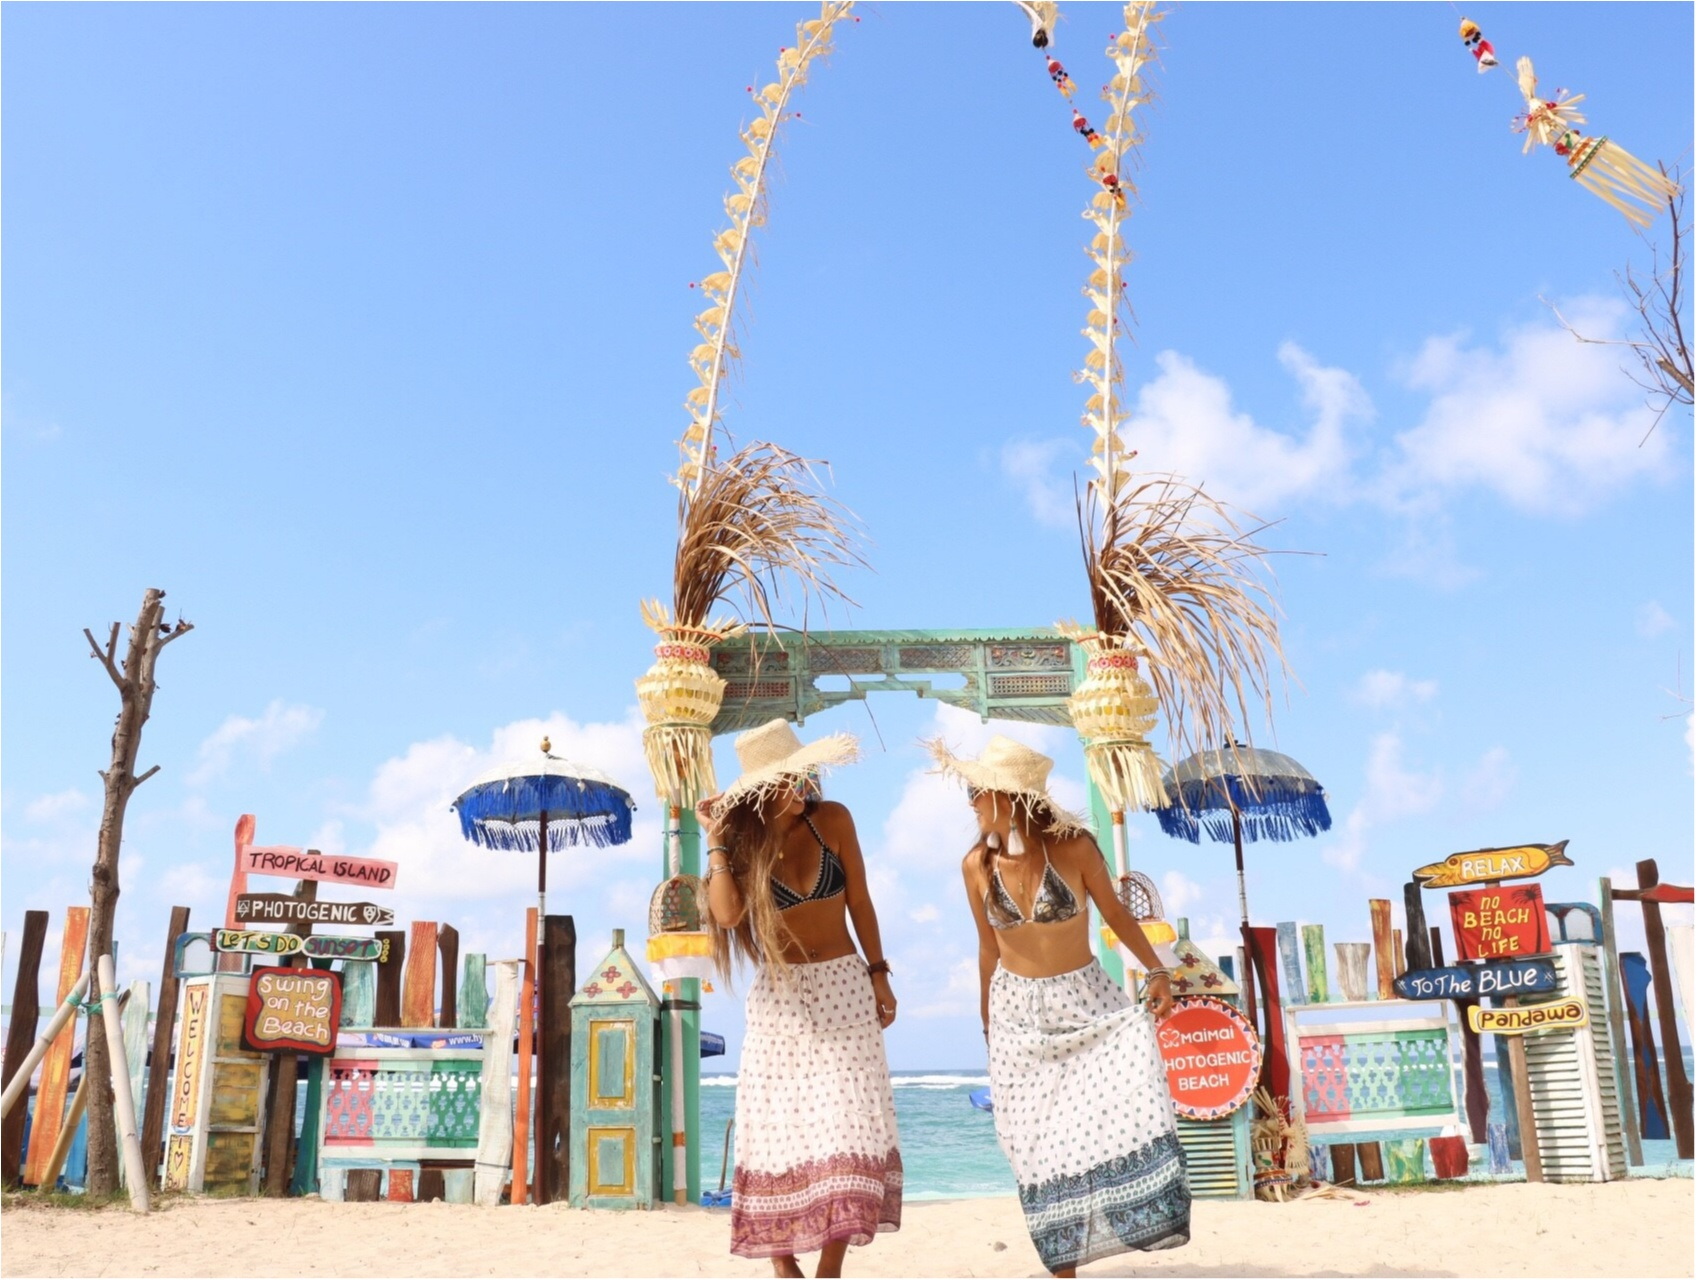 韓国、グアム、バリ、ドバイ・・・・・・フォトジェニックな女子旅は「タビジョツアー」で叶います♡_20